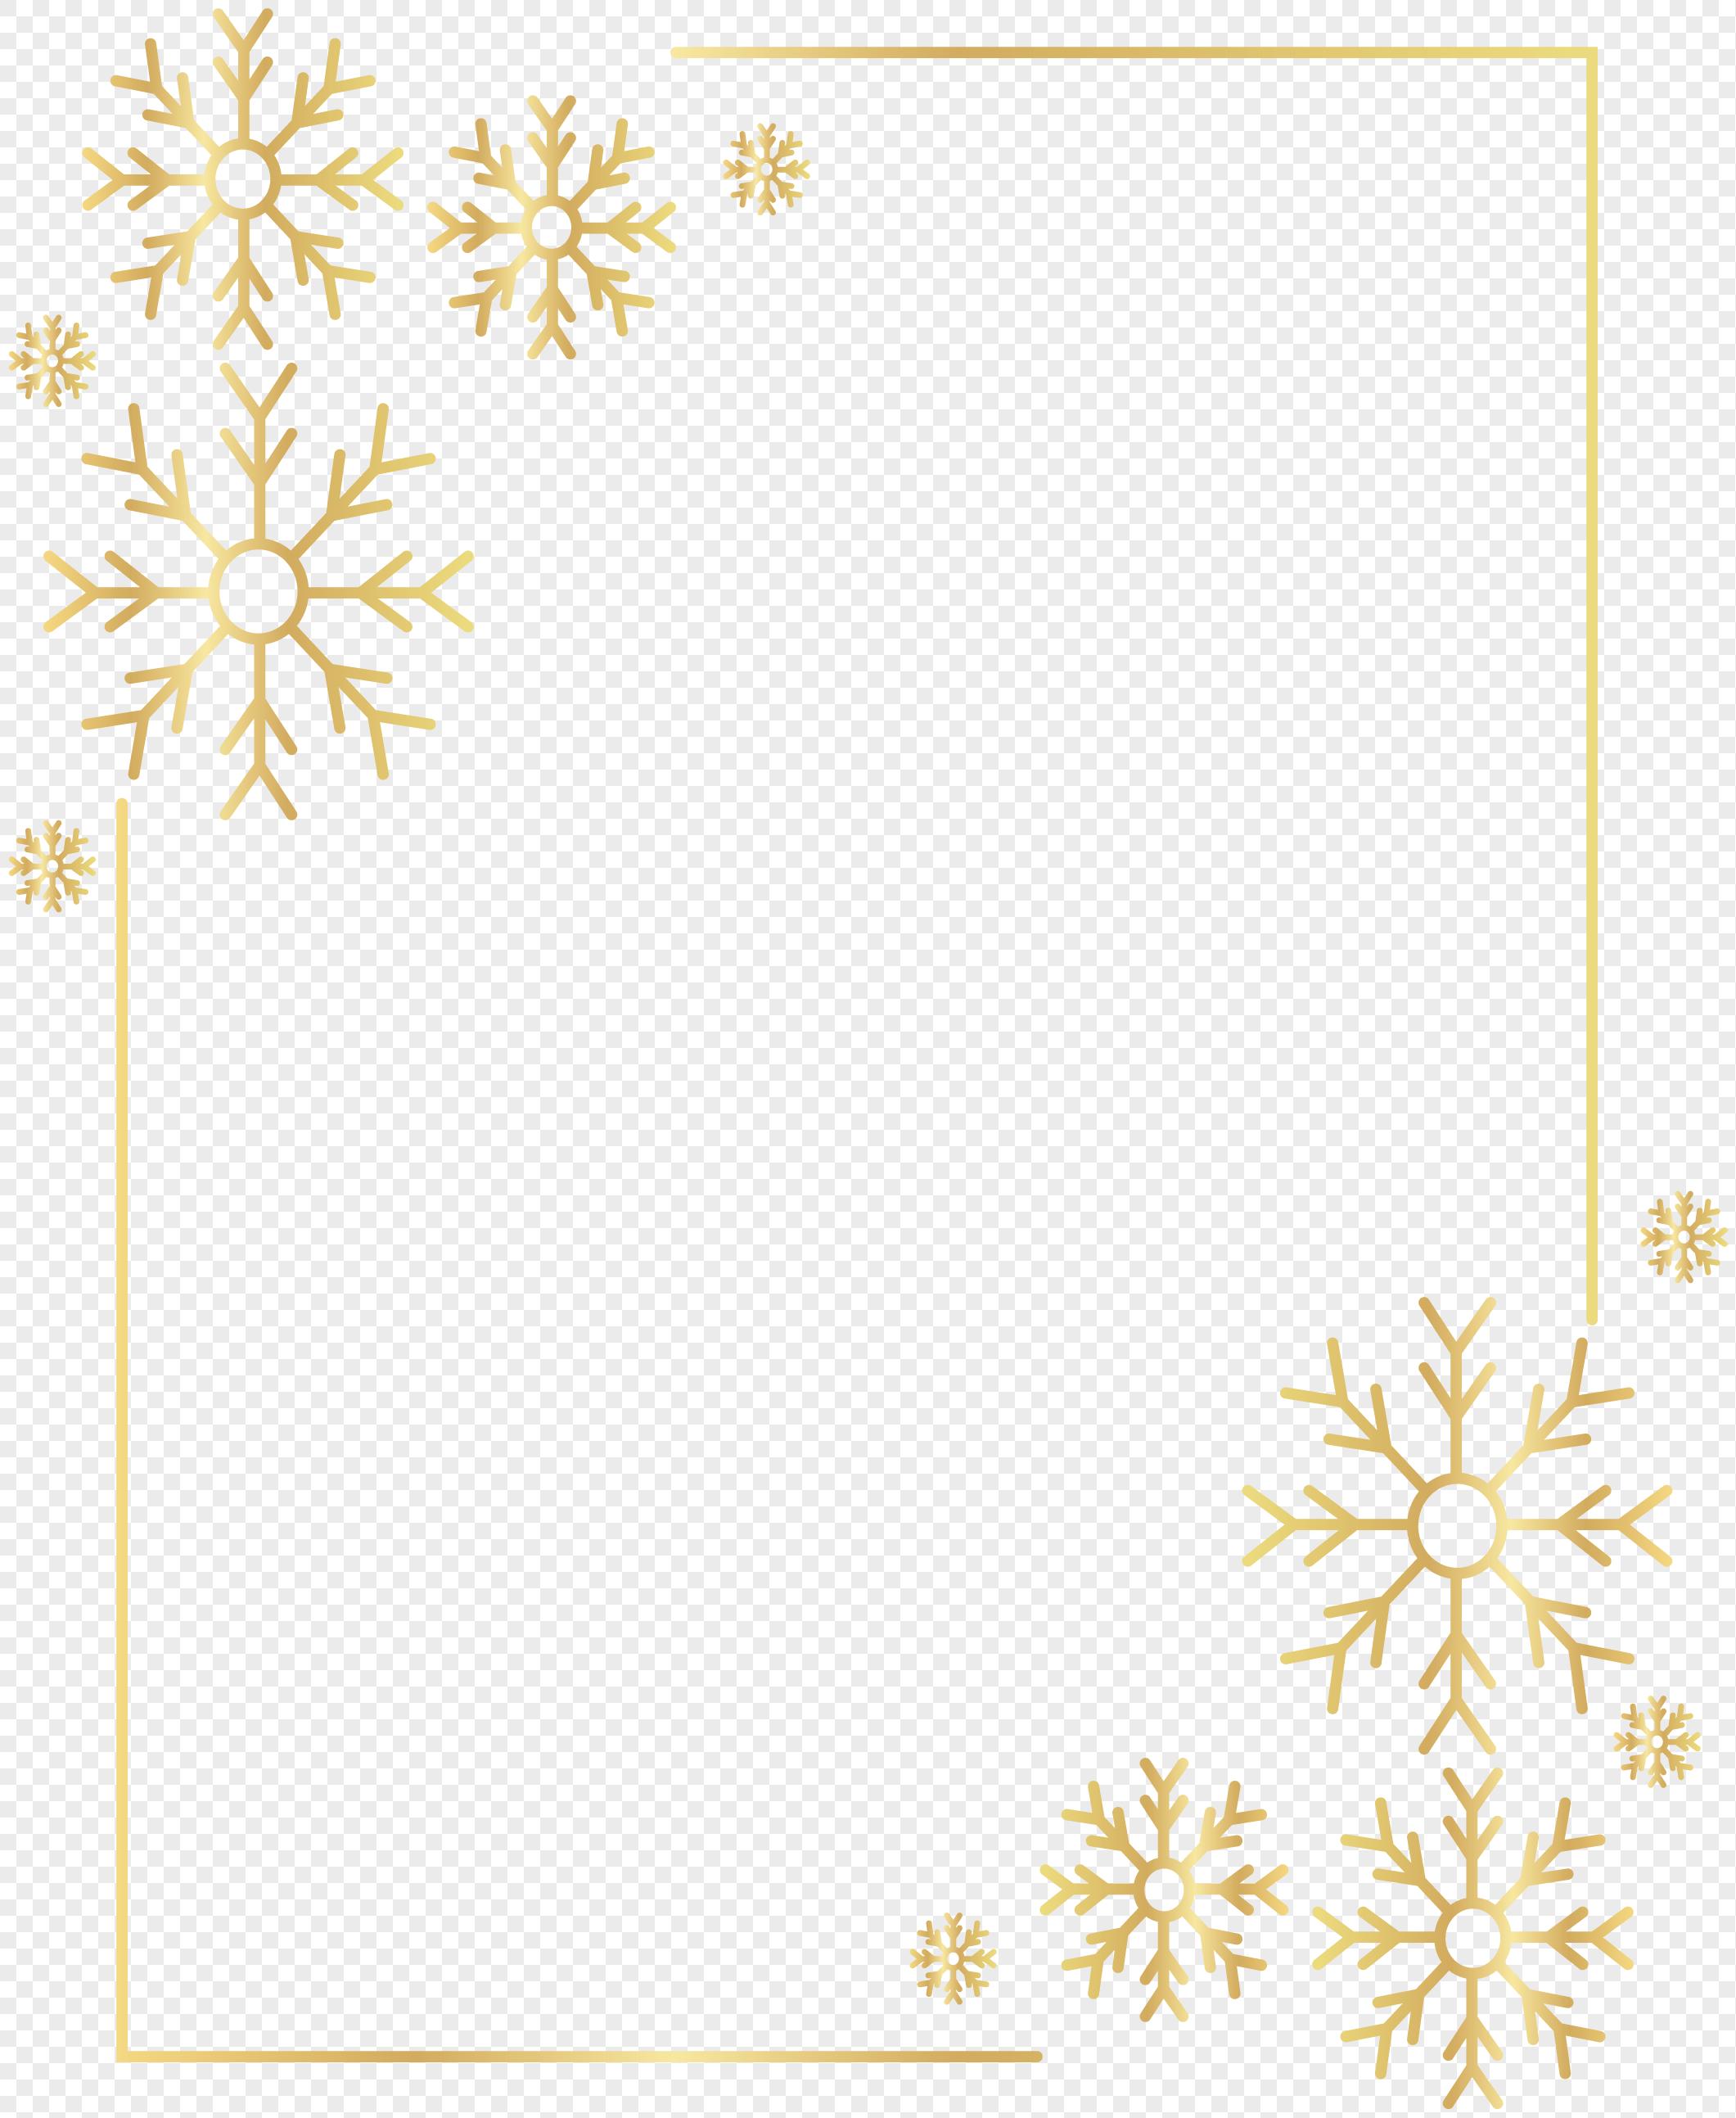 金色雪花边框